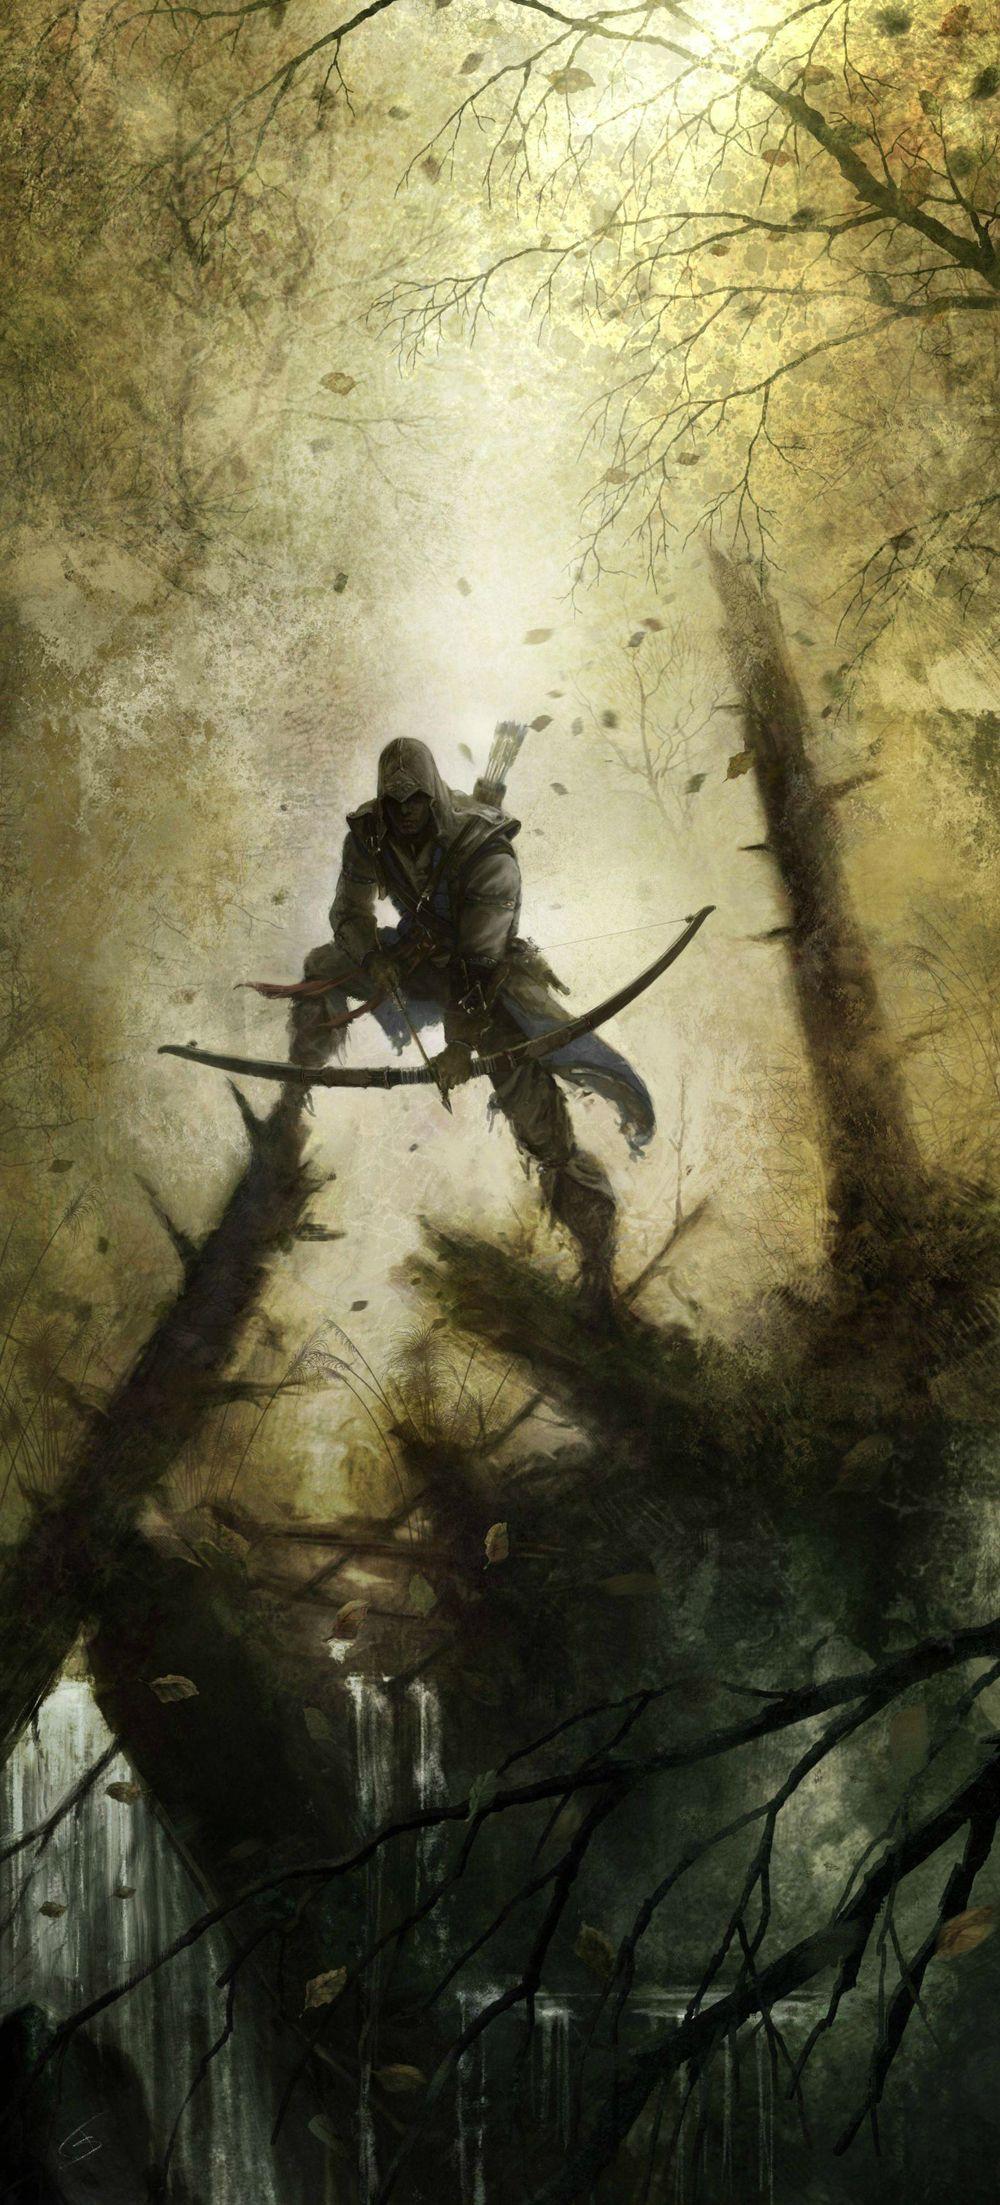 Nové obrázky a artworky z Assassin's Creed 3 71190